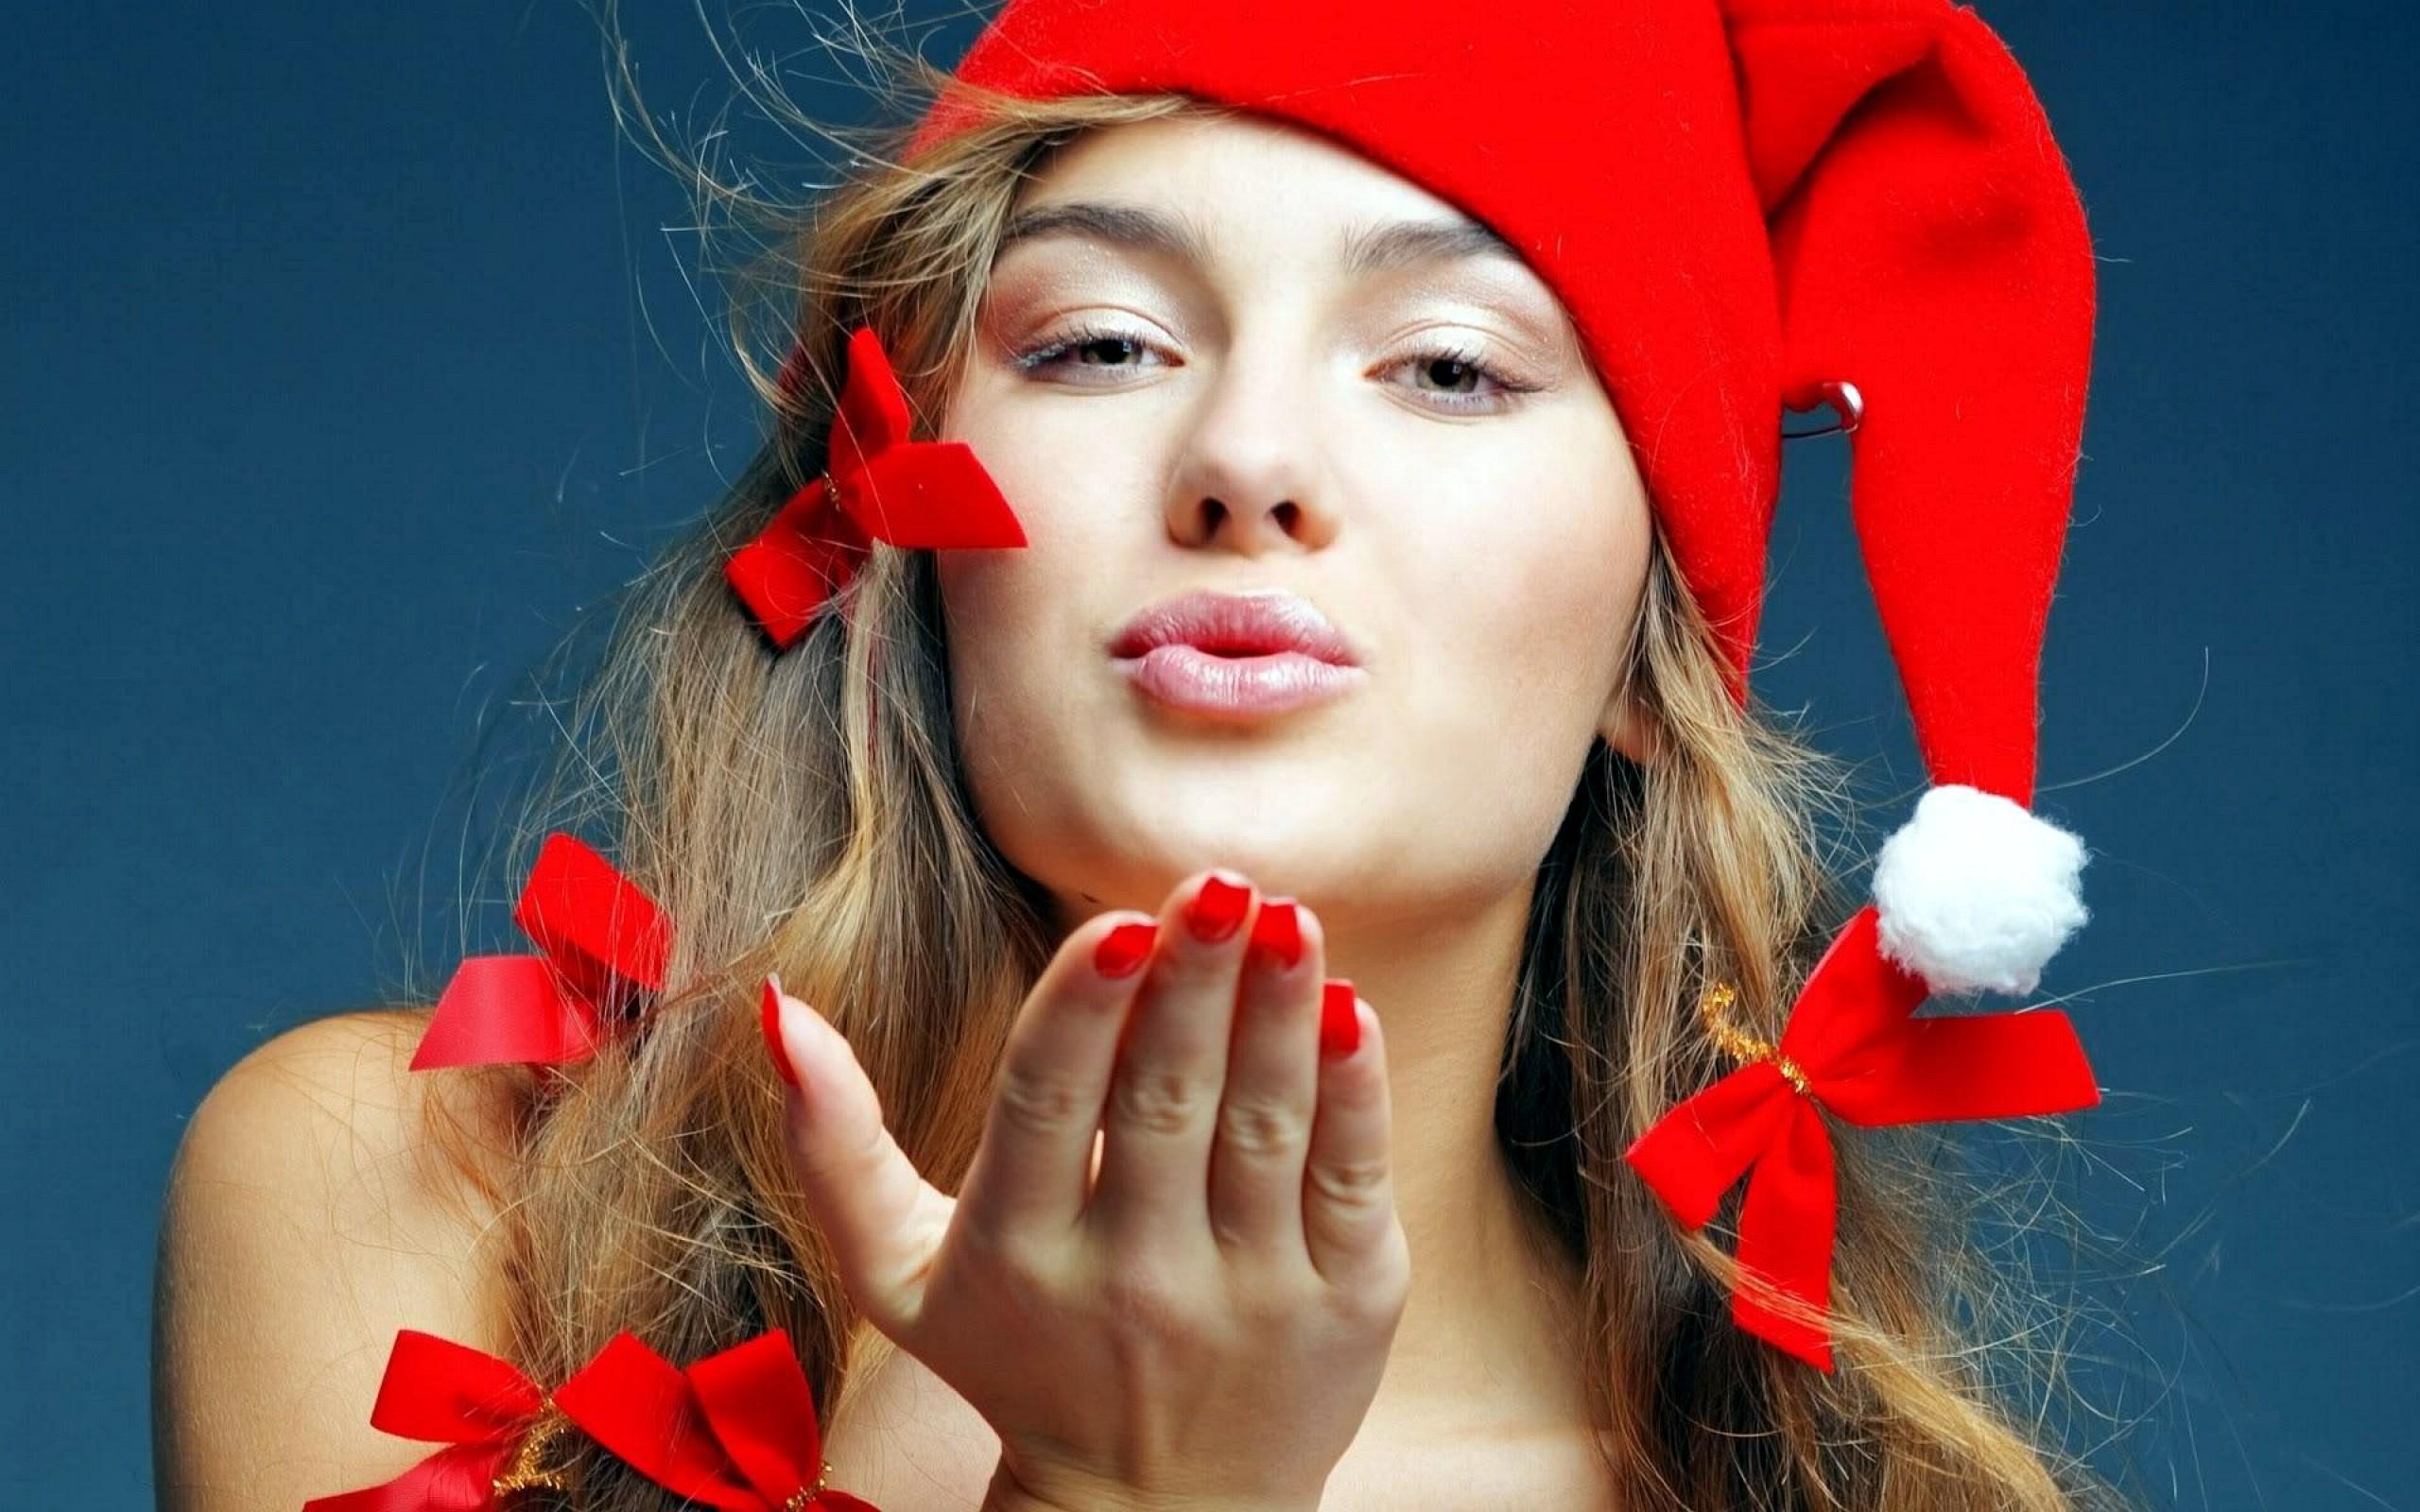 Рыжие снегурочки фото 12 фотография